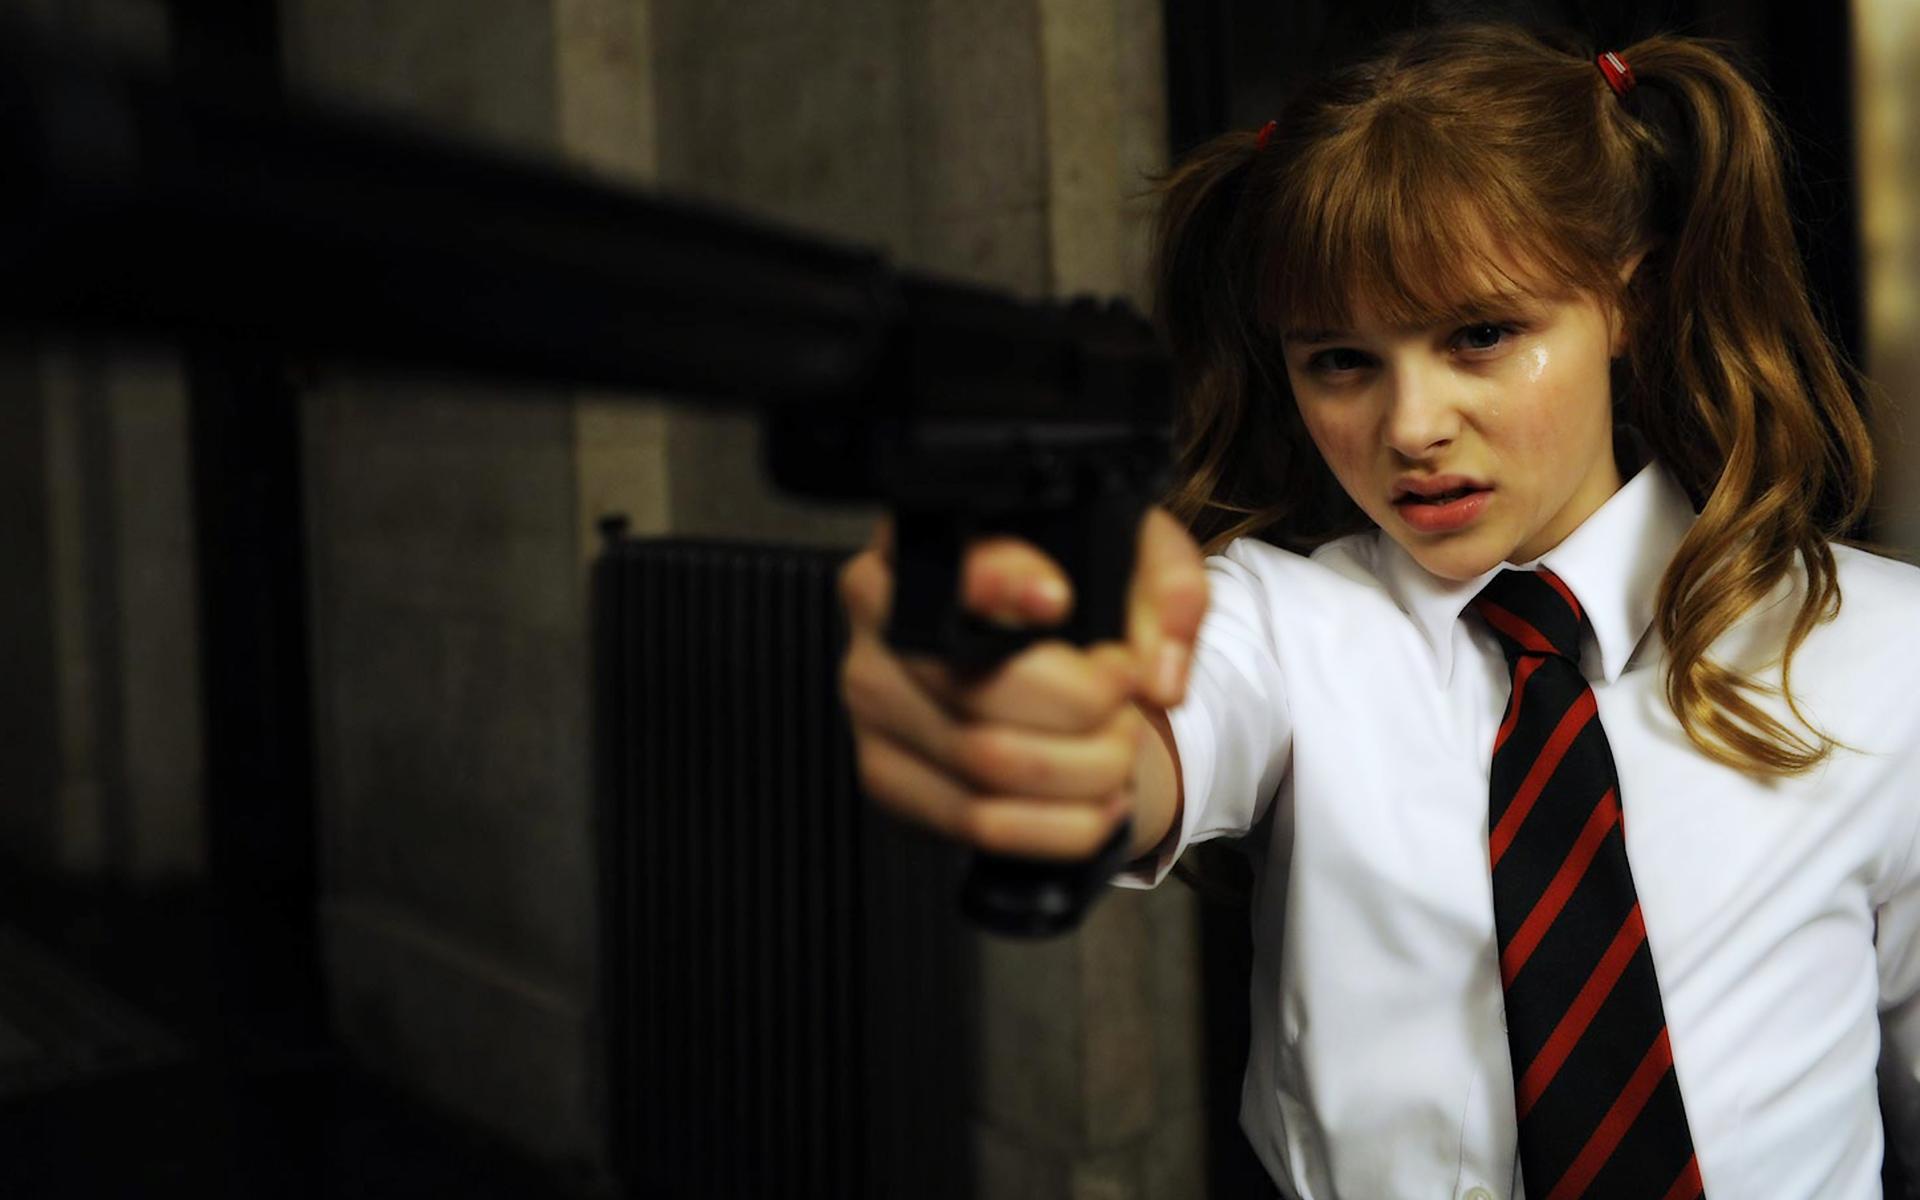 Dziewczynka w mundurku celuje pistoletem